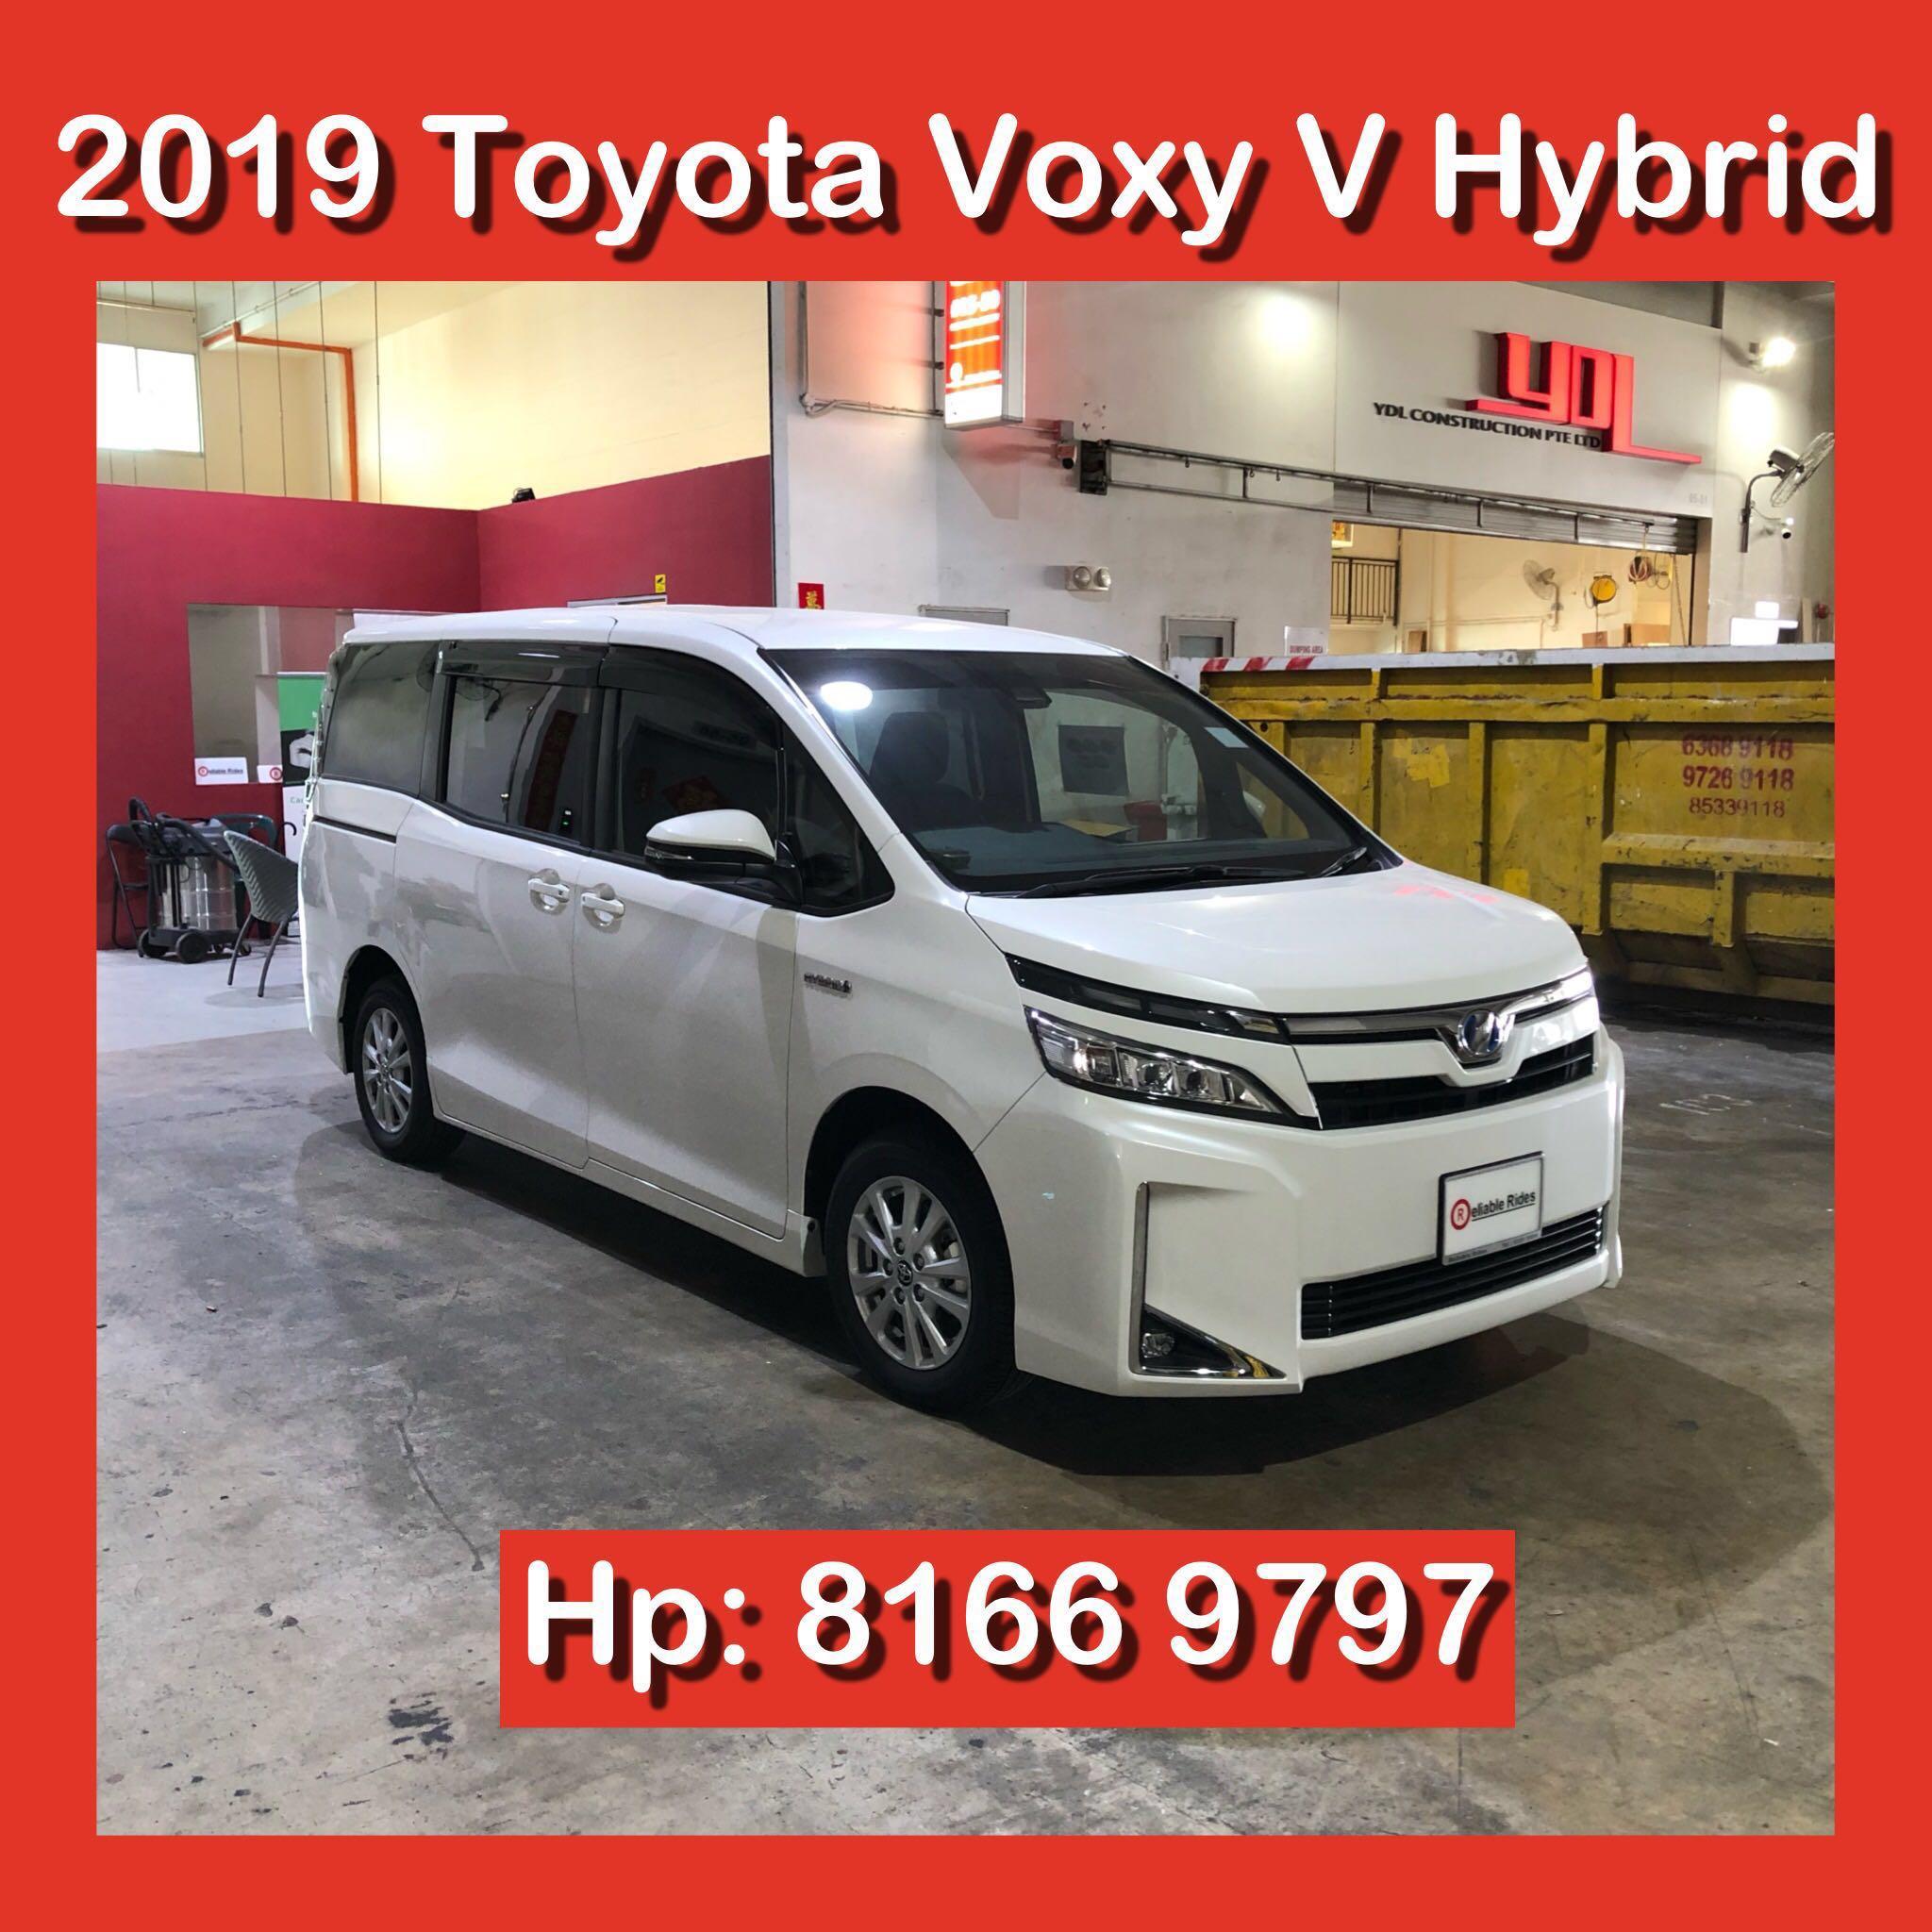 Toyota Voxy V Hybrid 2019 Brand New Full Size Mpv Rental